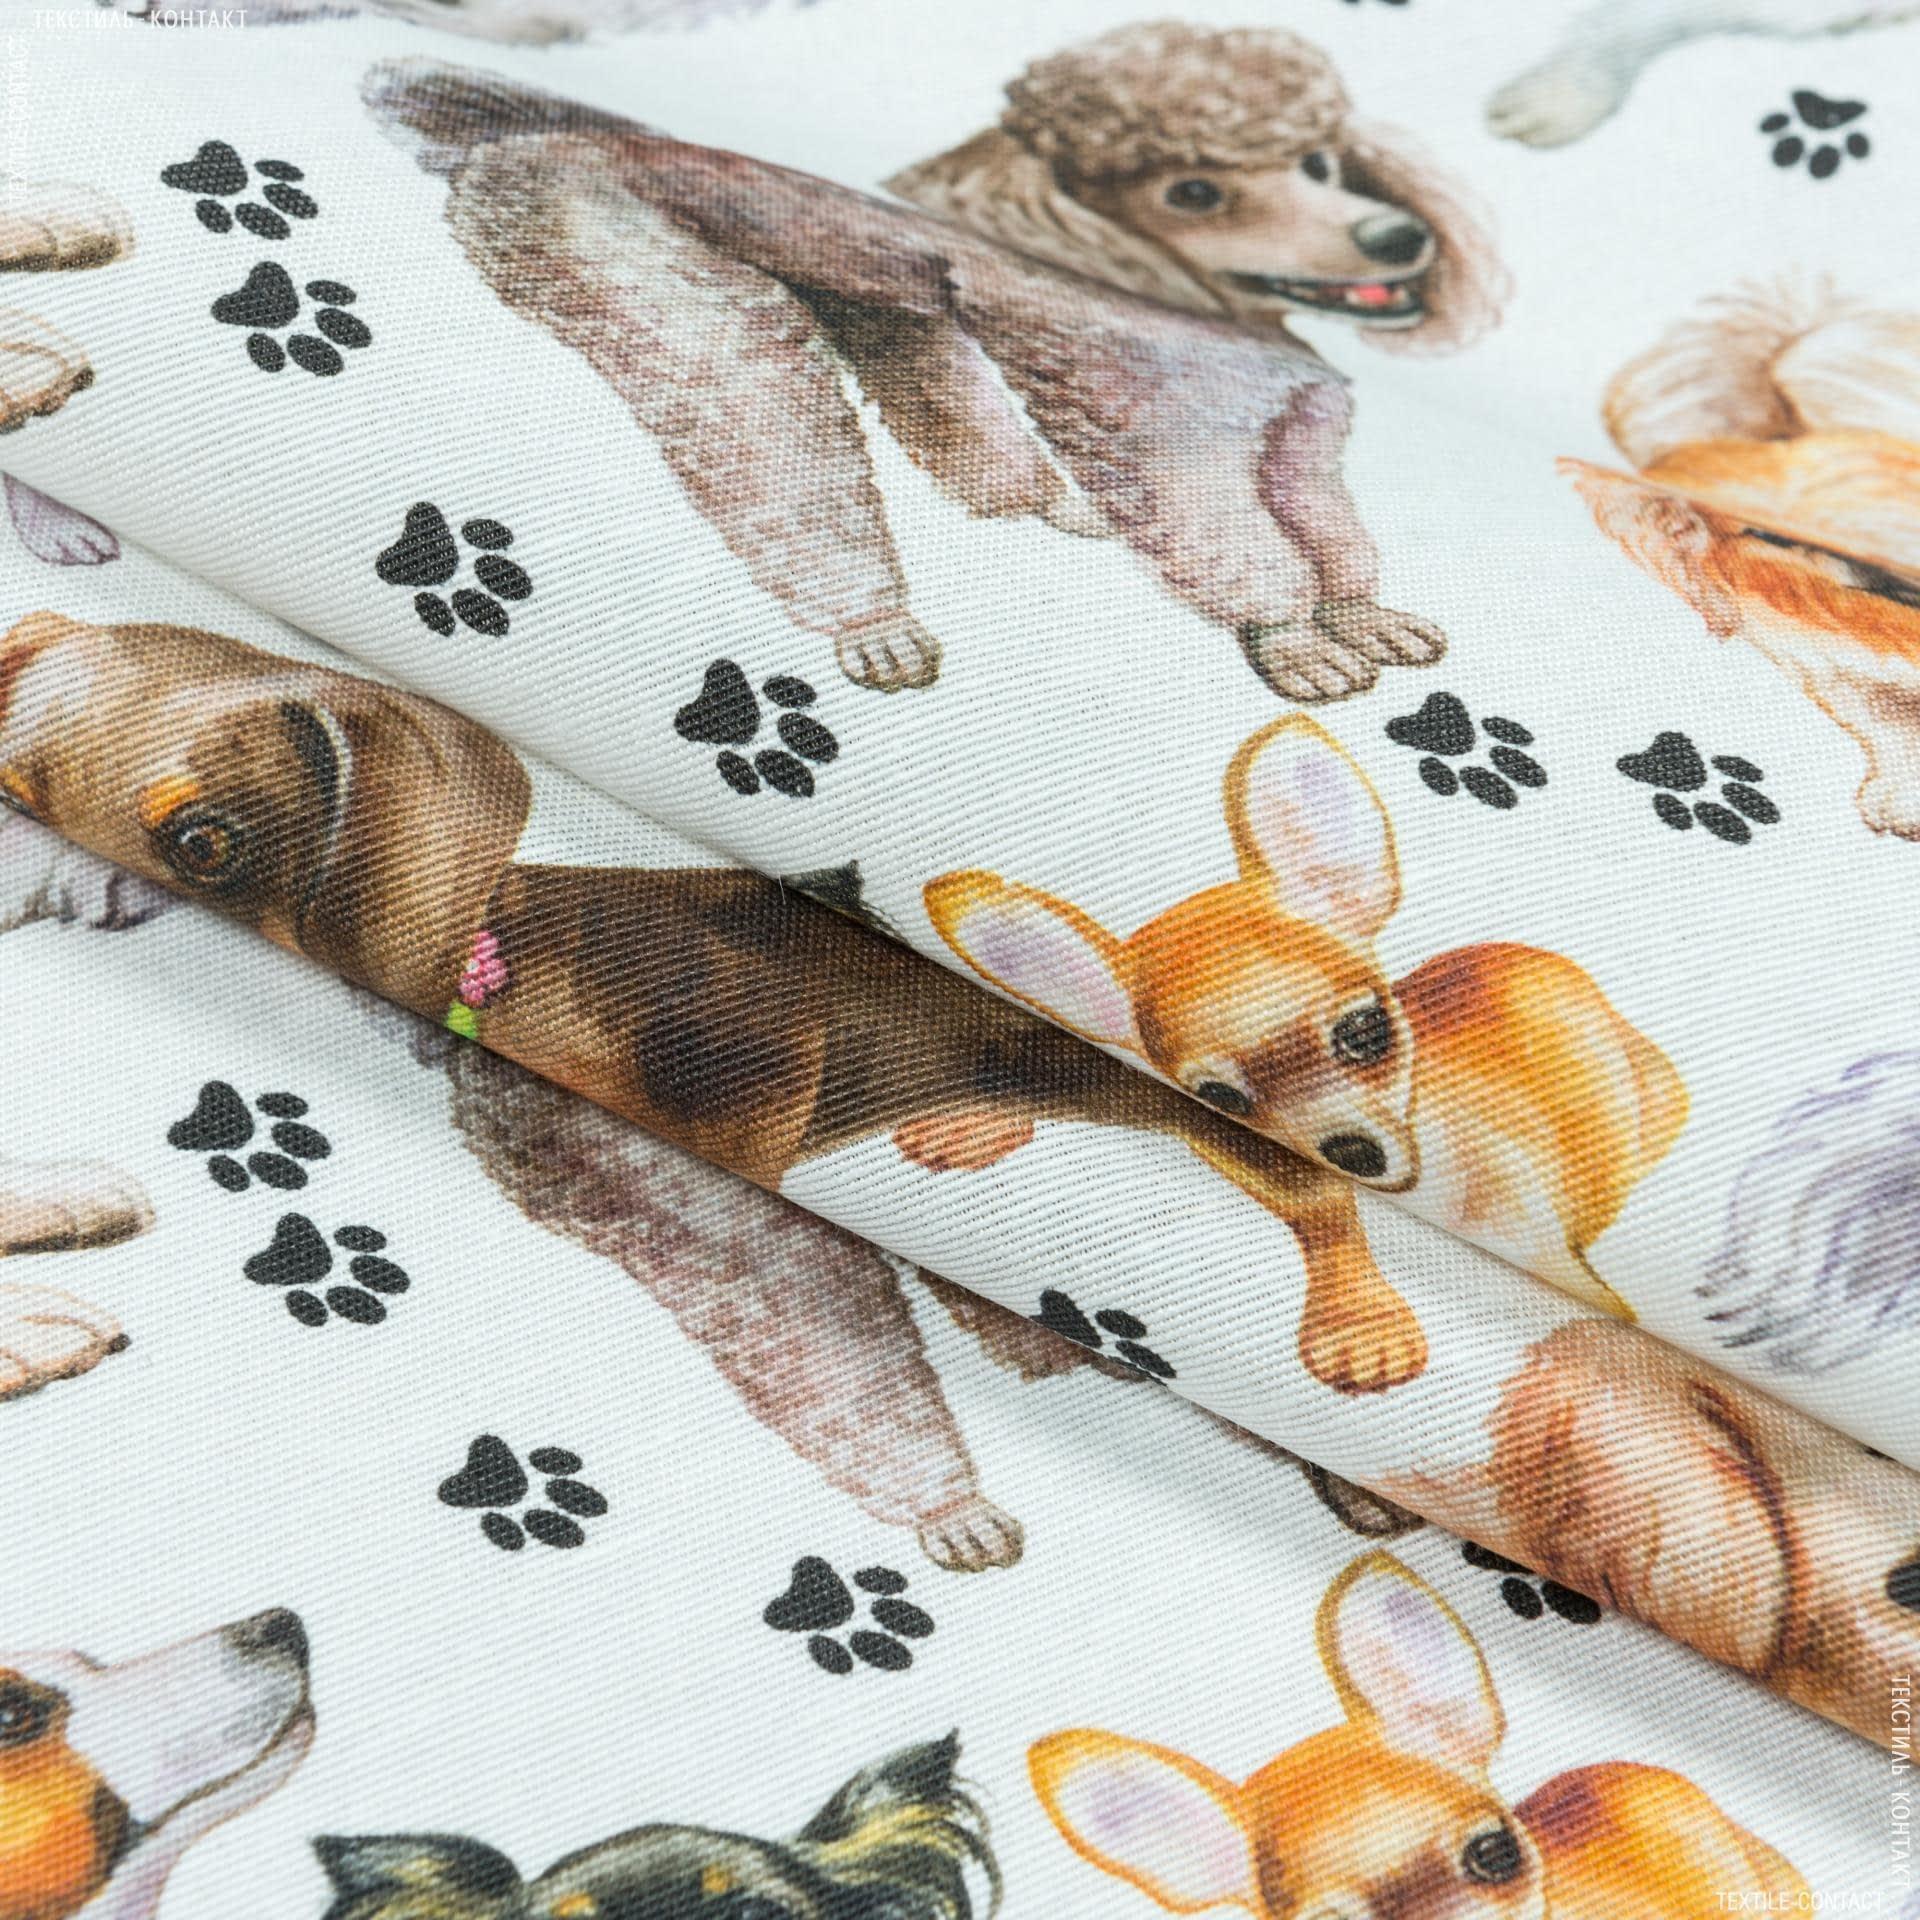 Ткани портьерные ткани - Декоративная ткань реф/ref  собаки фон молочный